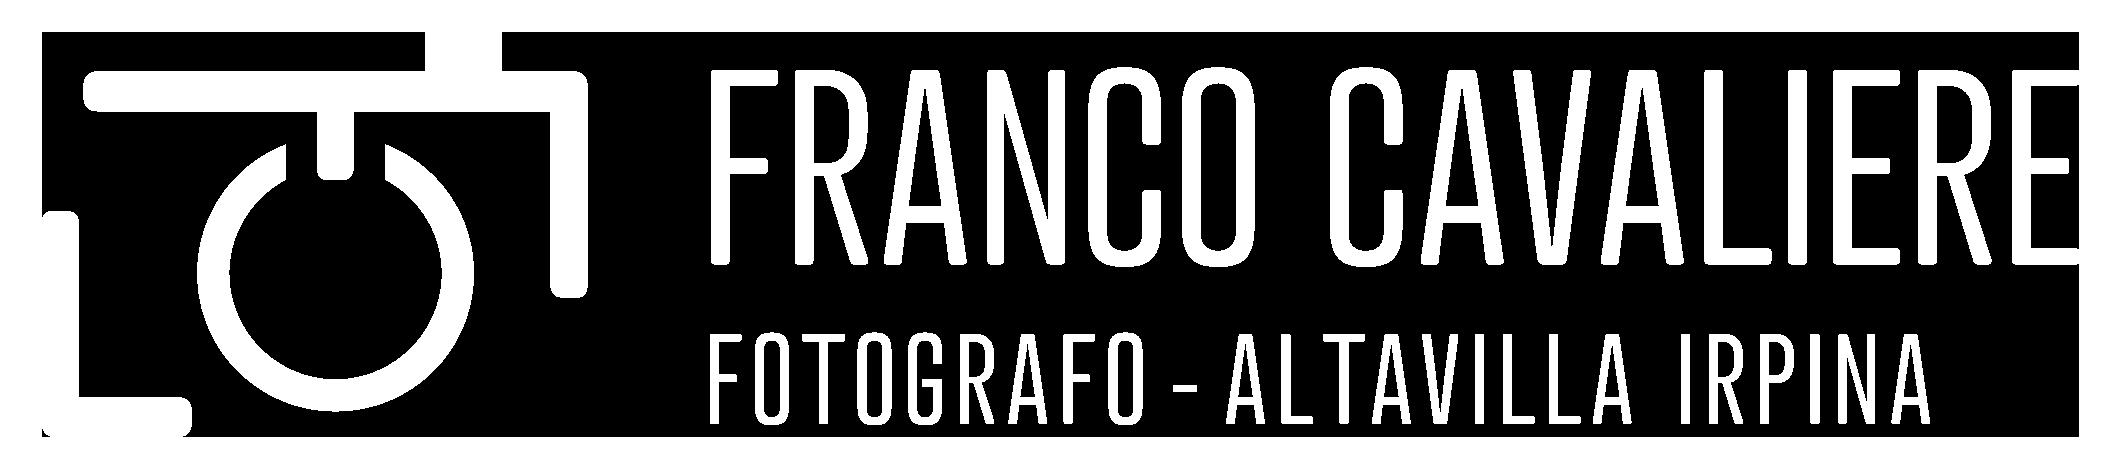 Franco Cavaliere